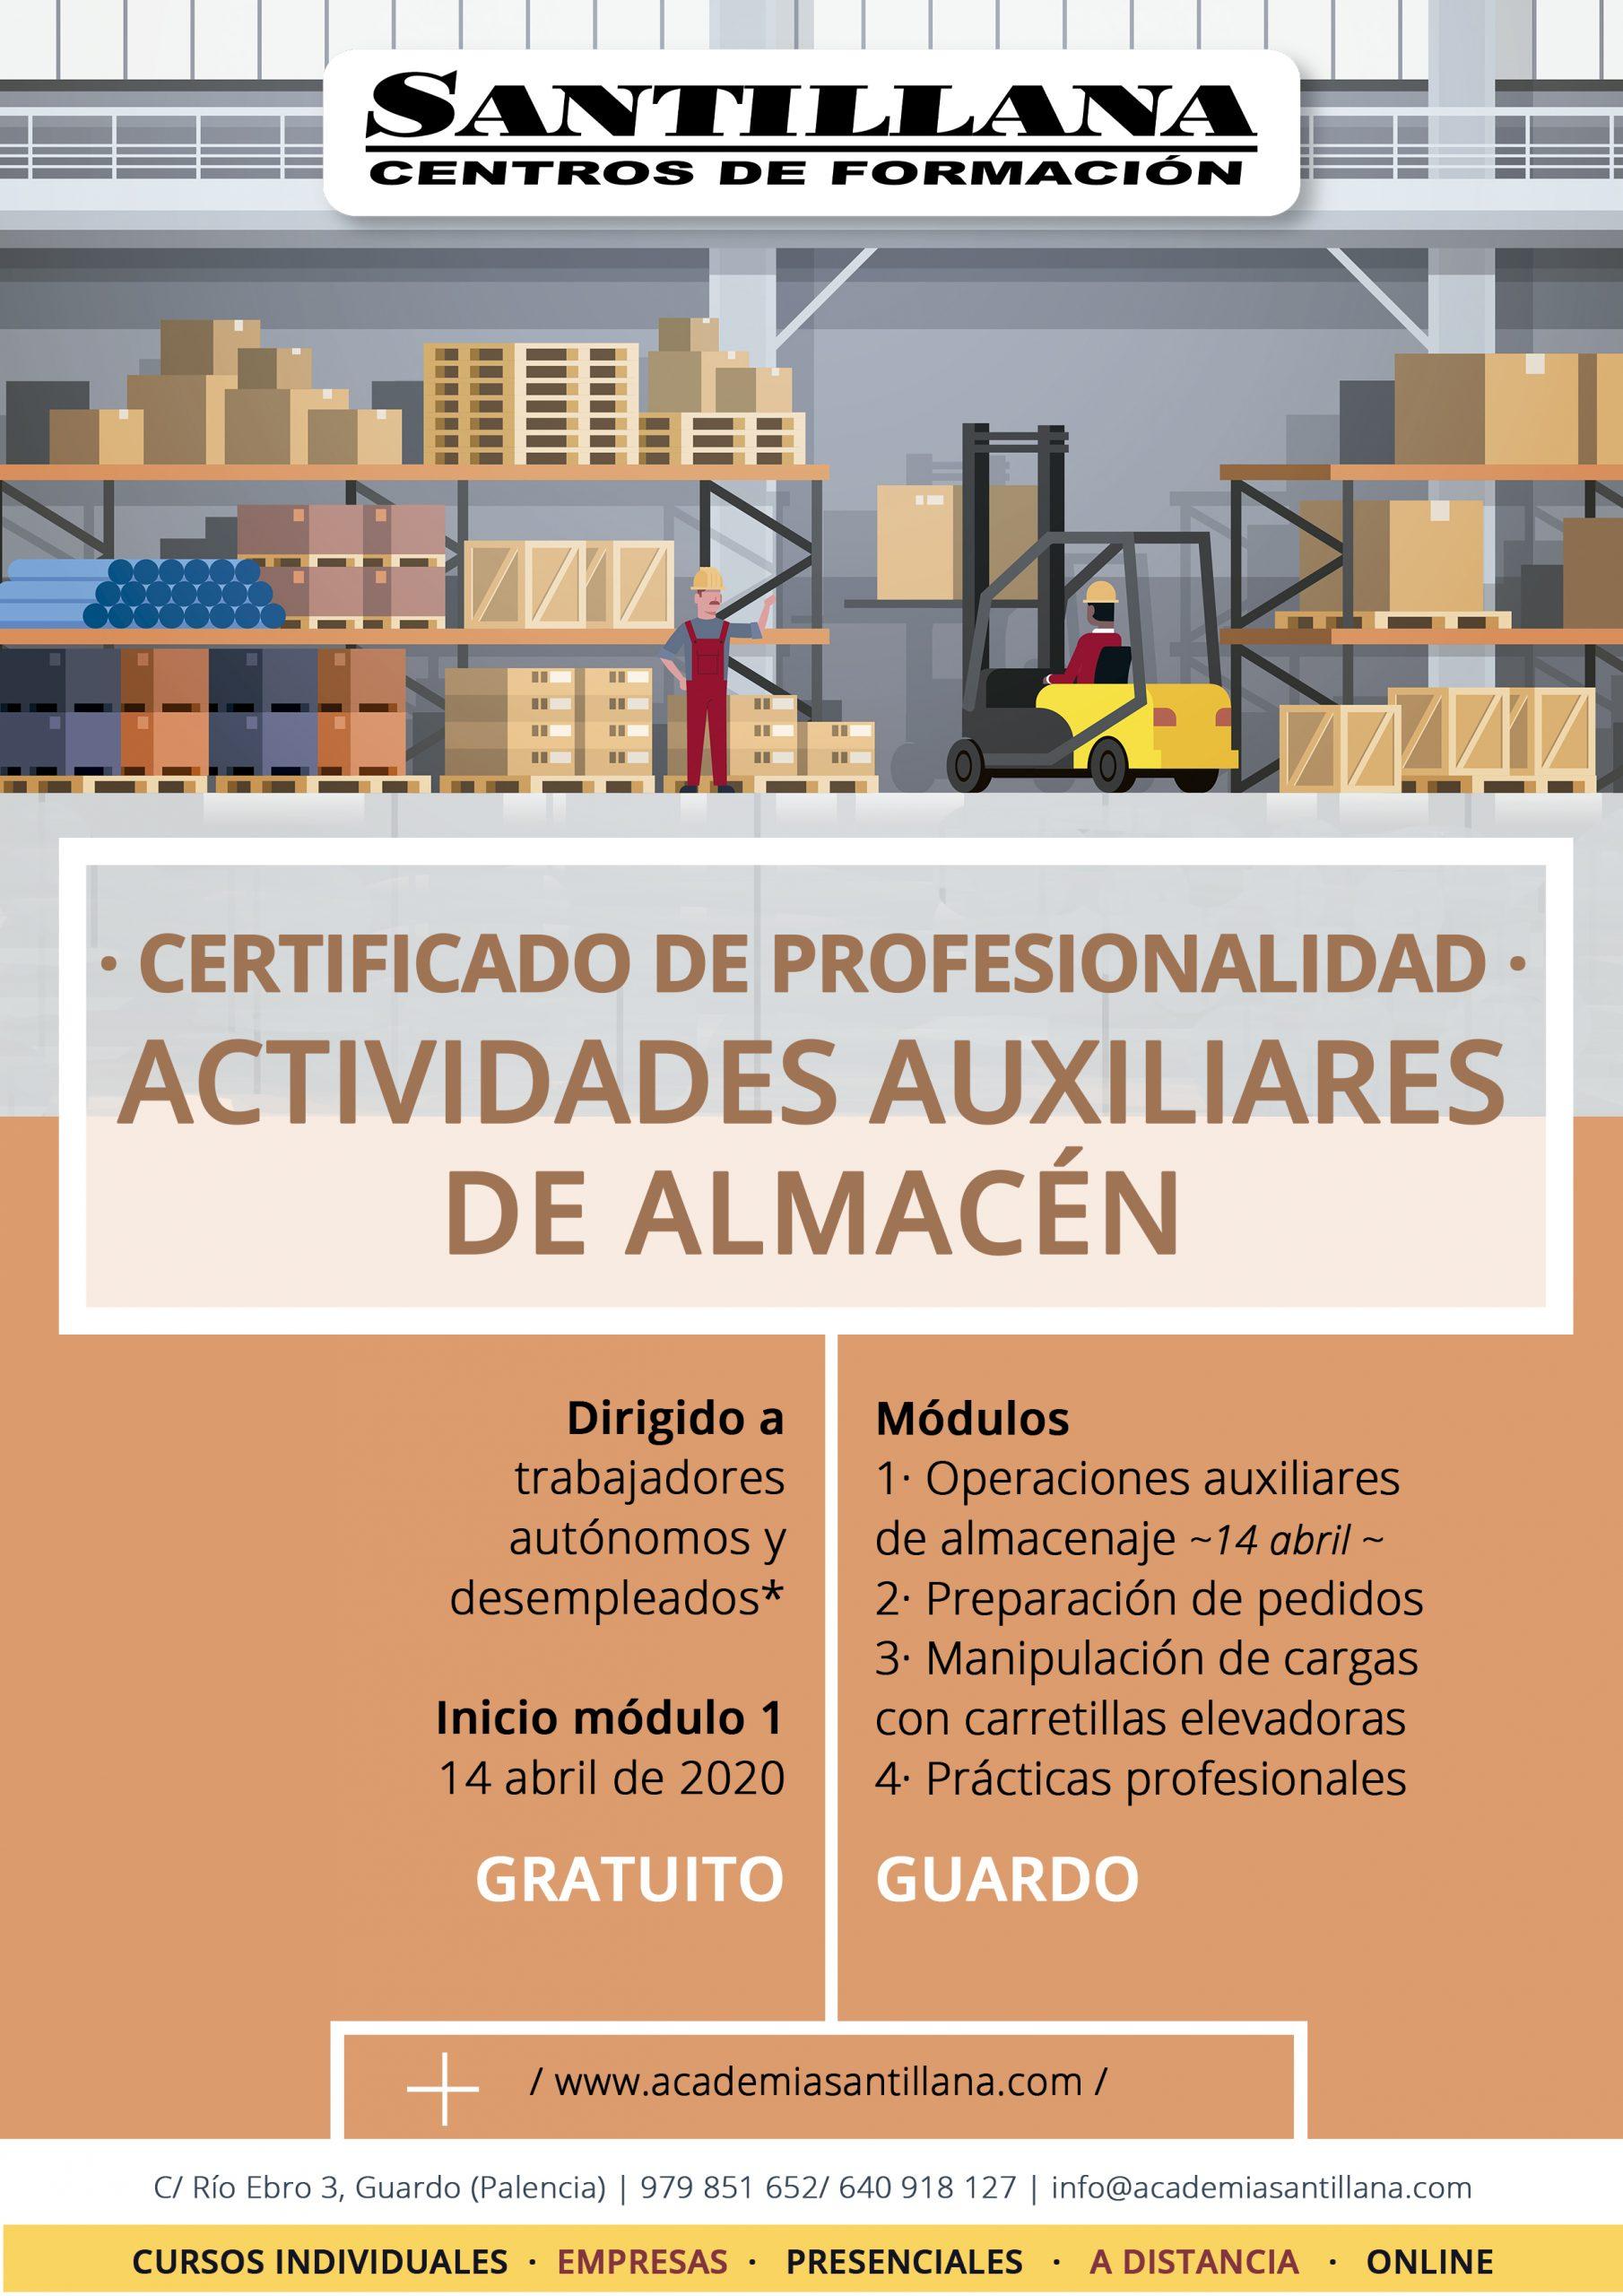 Certificado Profesionalidad Actividades Auxiliares de Almacén Gratuito Santillana Formación